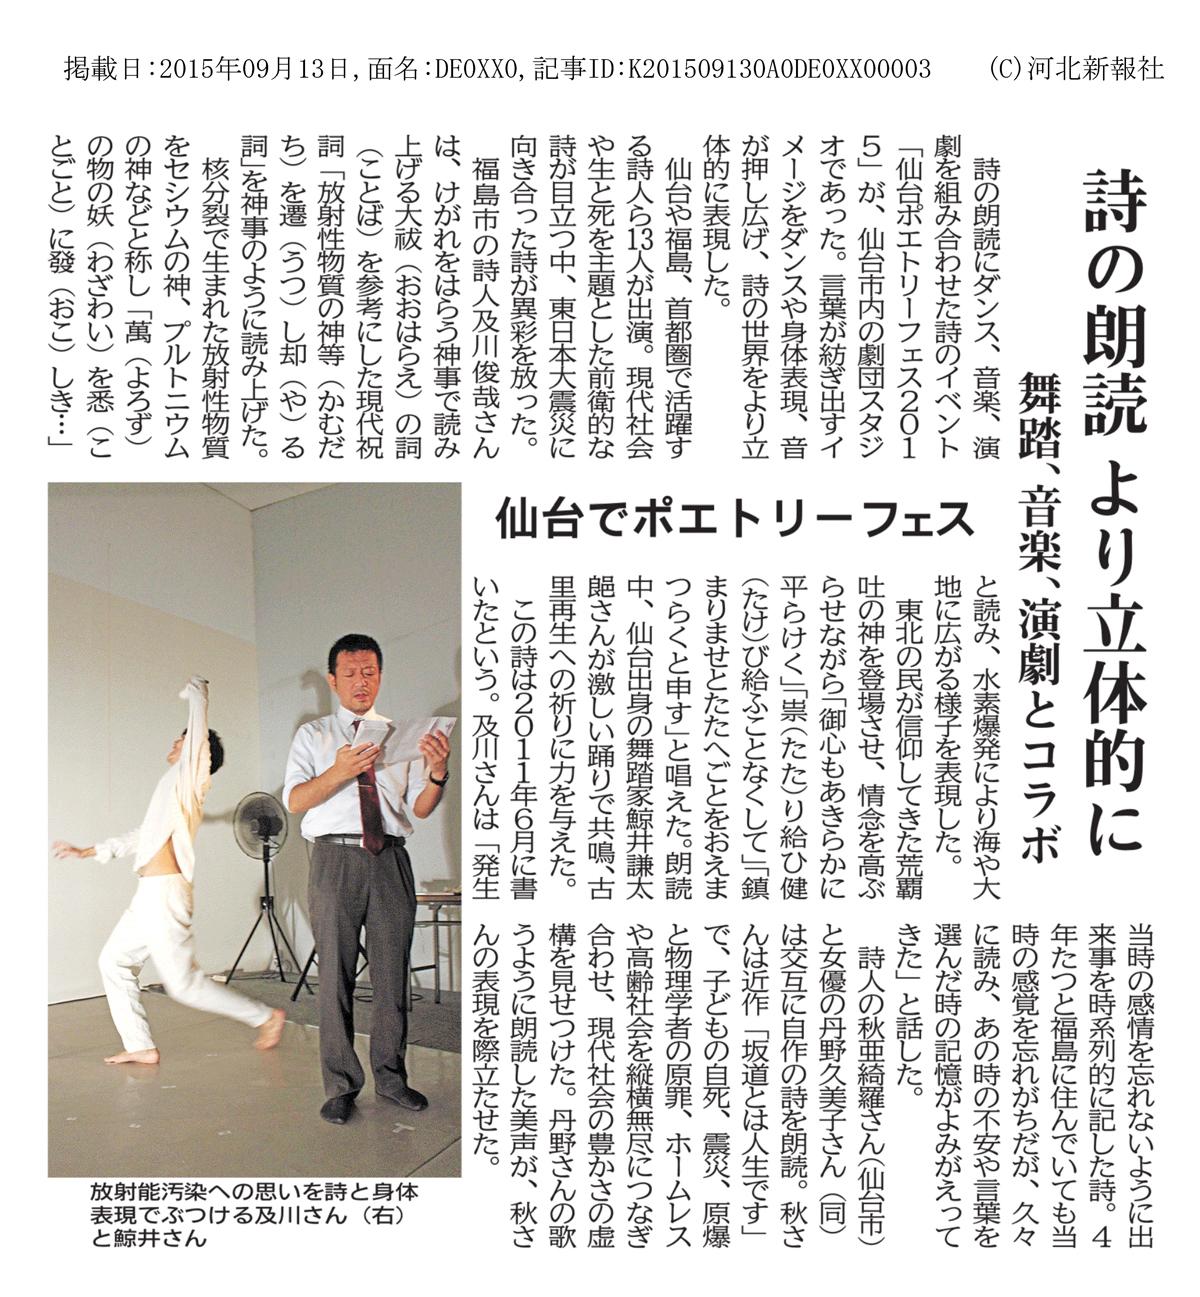 河北新報(仙台PF)